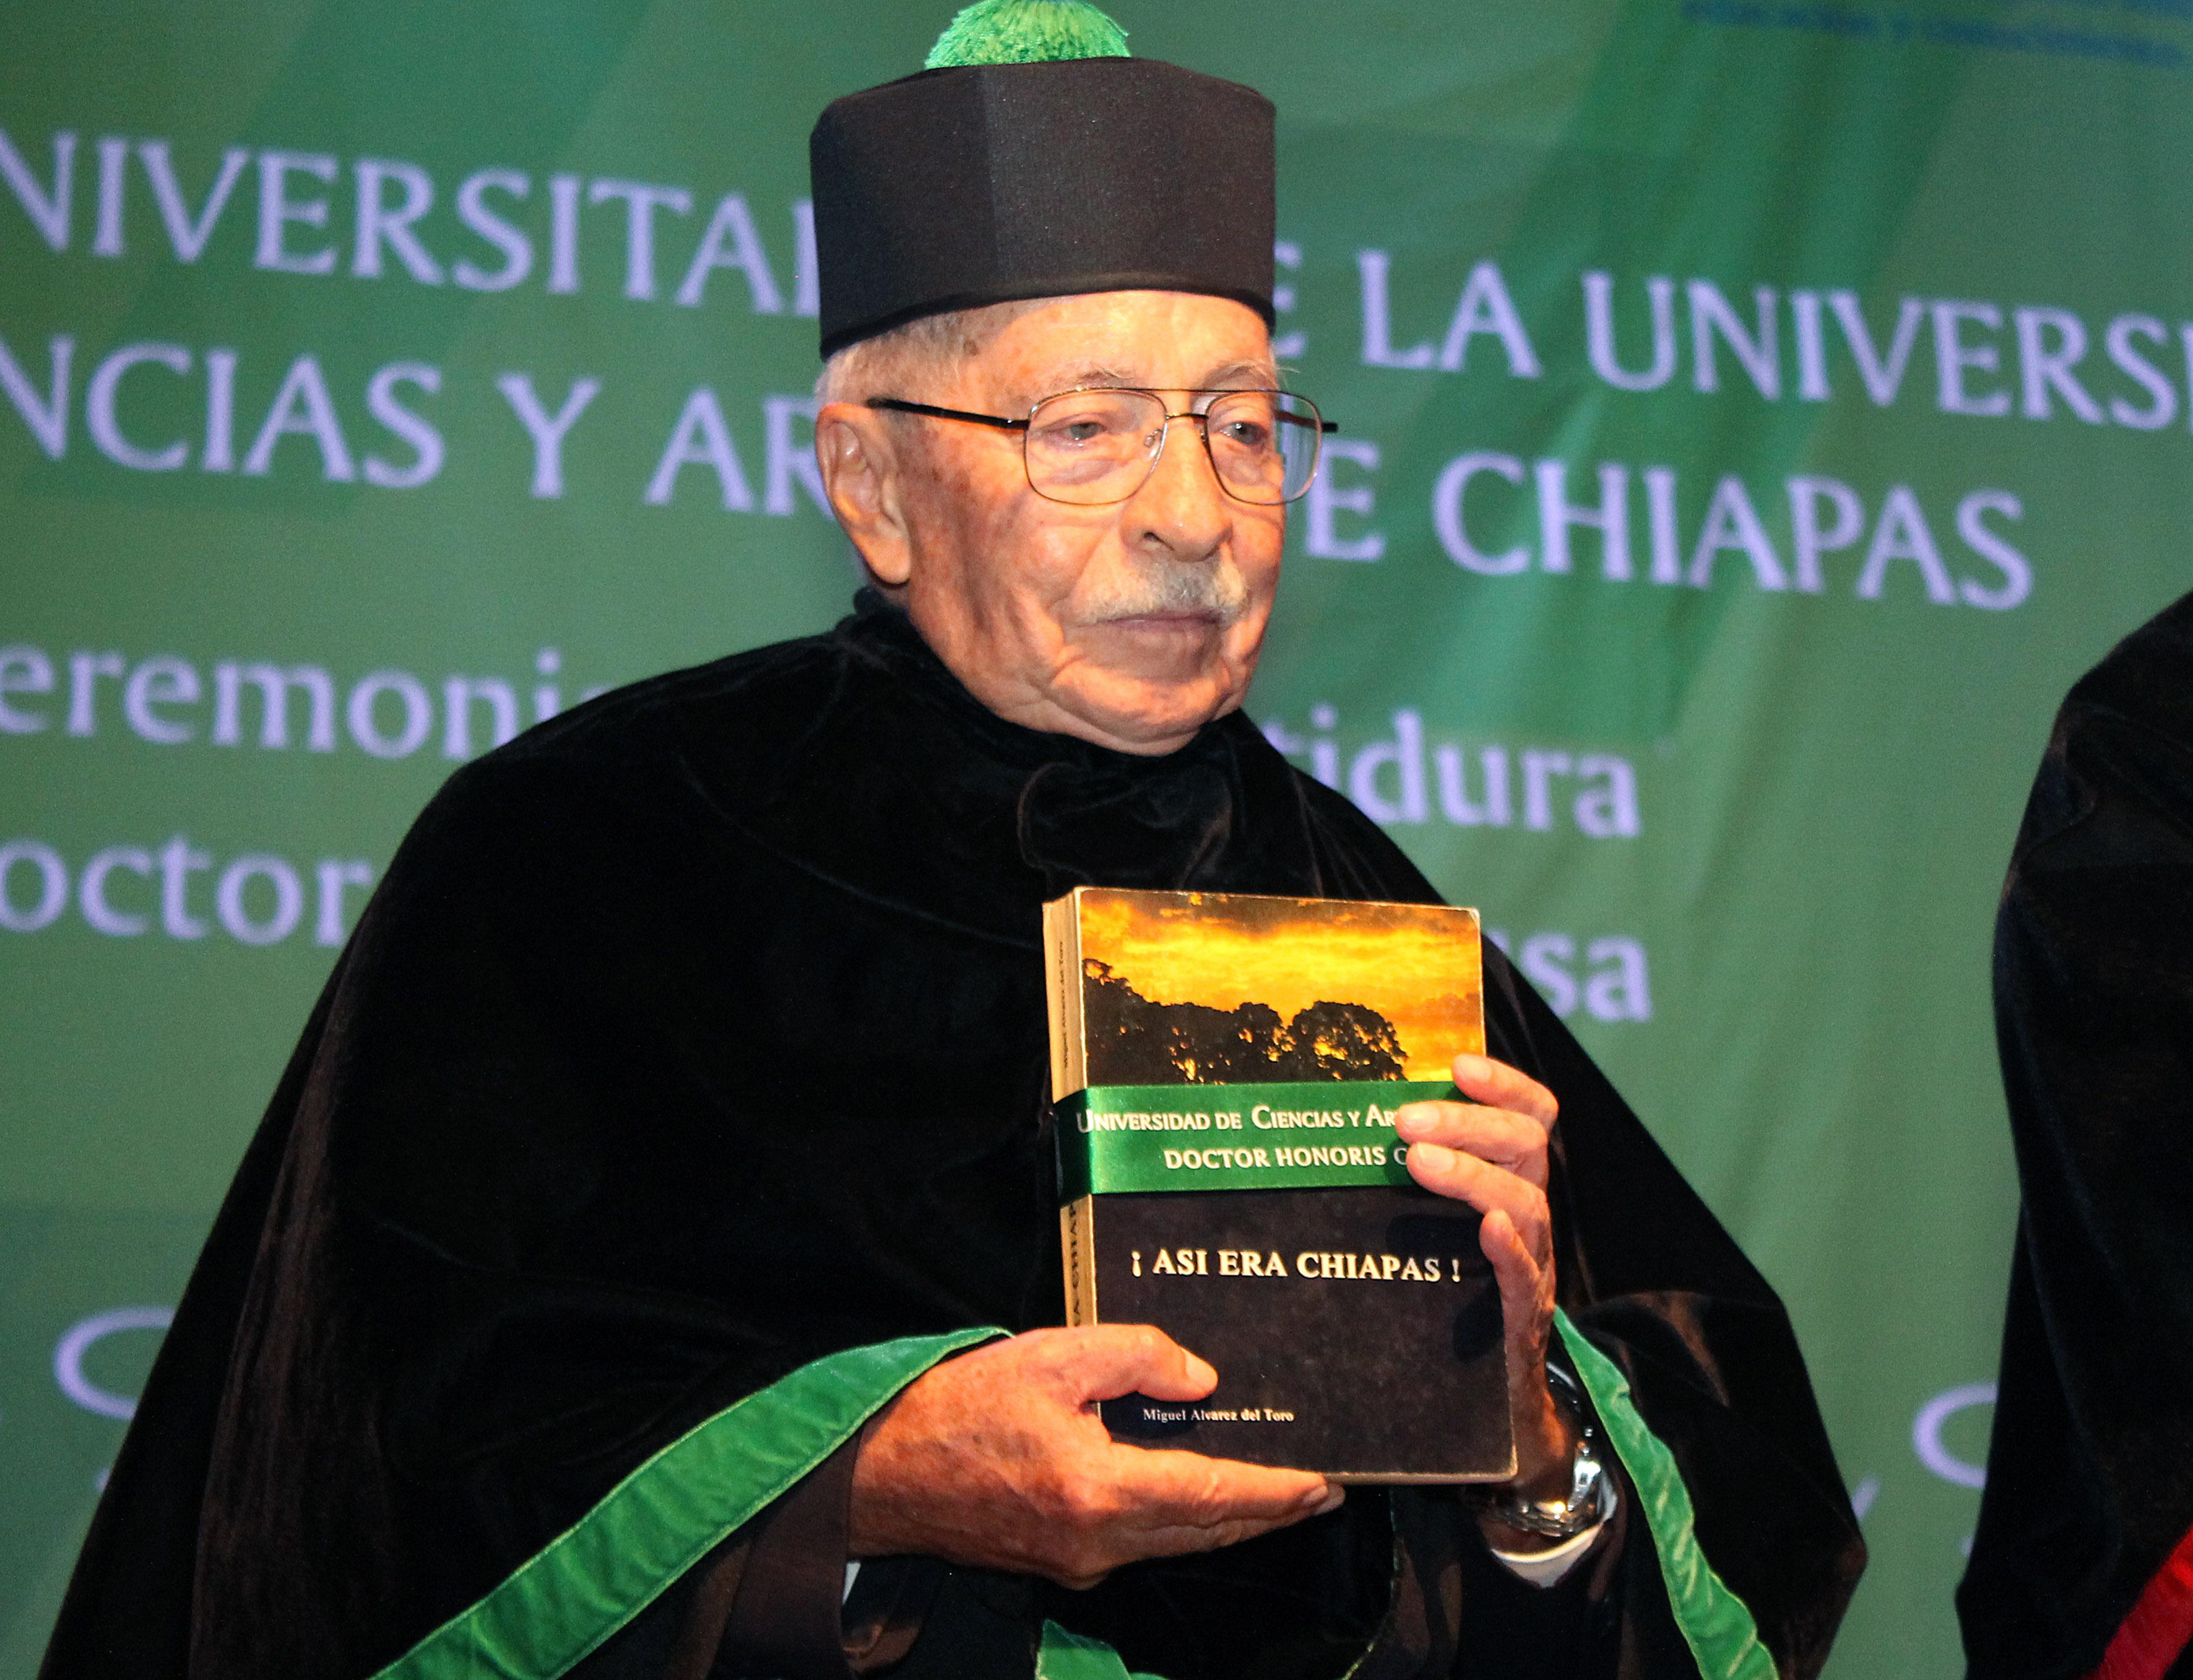 Biologo Juan Luis Cifuentes, mostrando el libro de la ciencia ¡Así era Chiapas¡